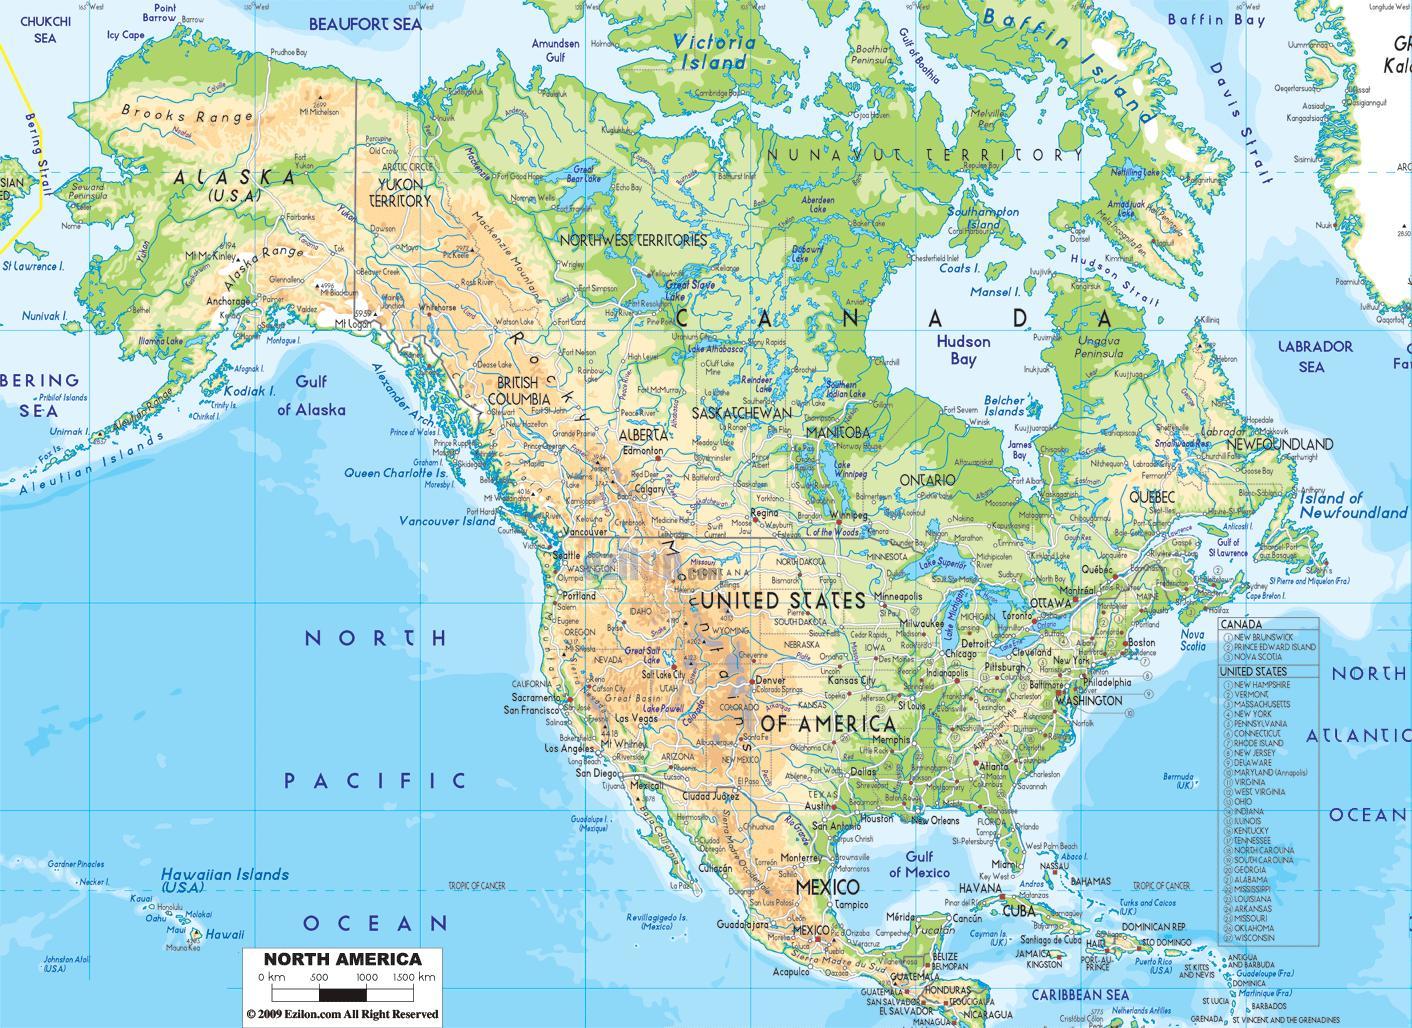 Physische Karte Usa.Physikalische Karte Von Amerika Nordamerika Physische